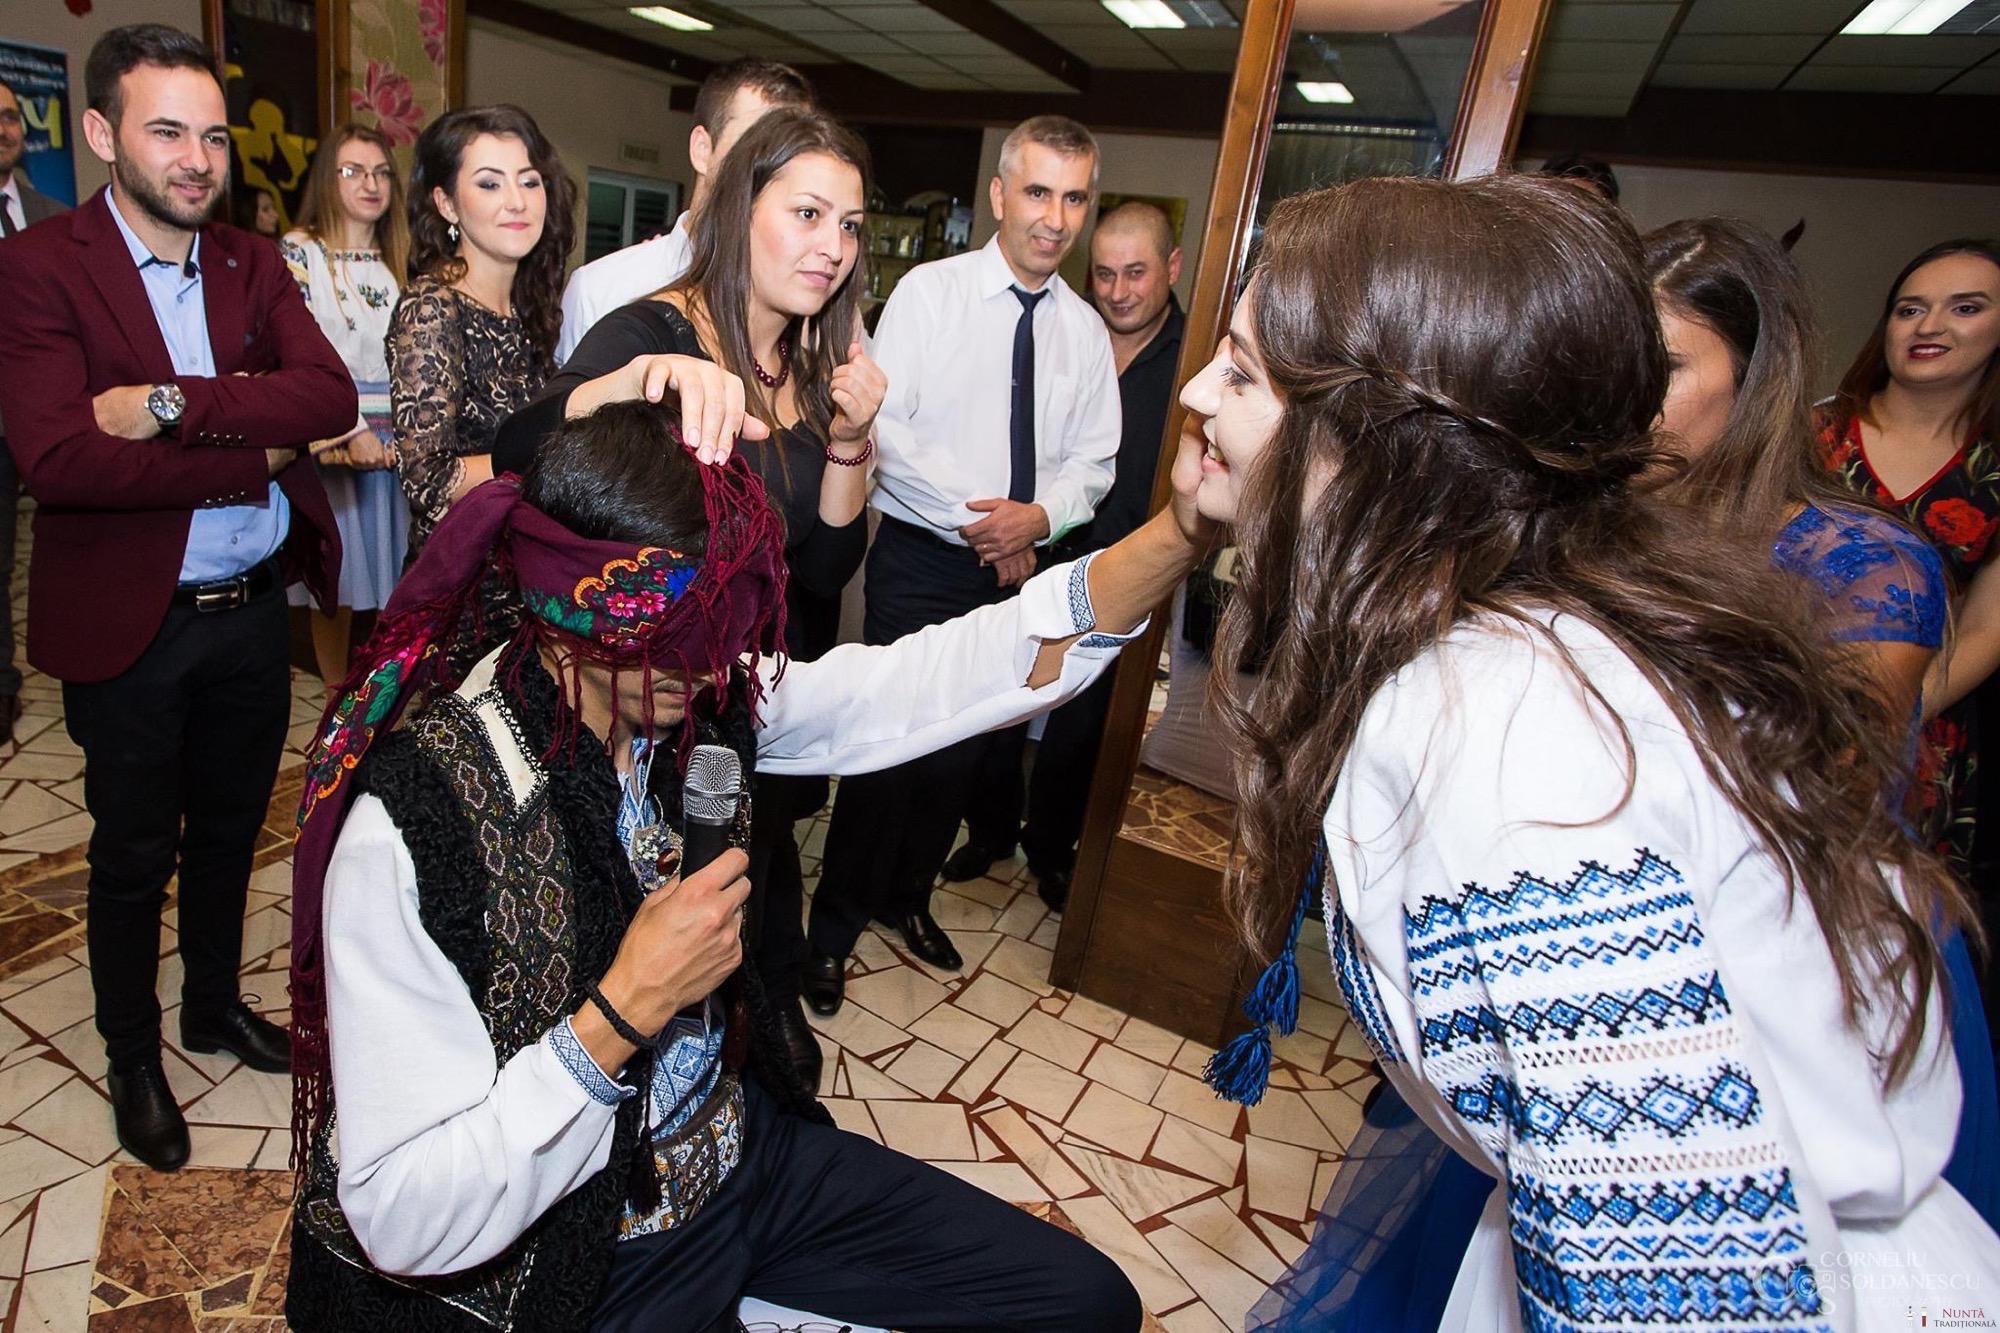 Povești Nunți Tradiționale - Ioana-Alexandra și Bogdan-Vasile. Nuntă tradițională în Fălticeni 26